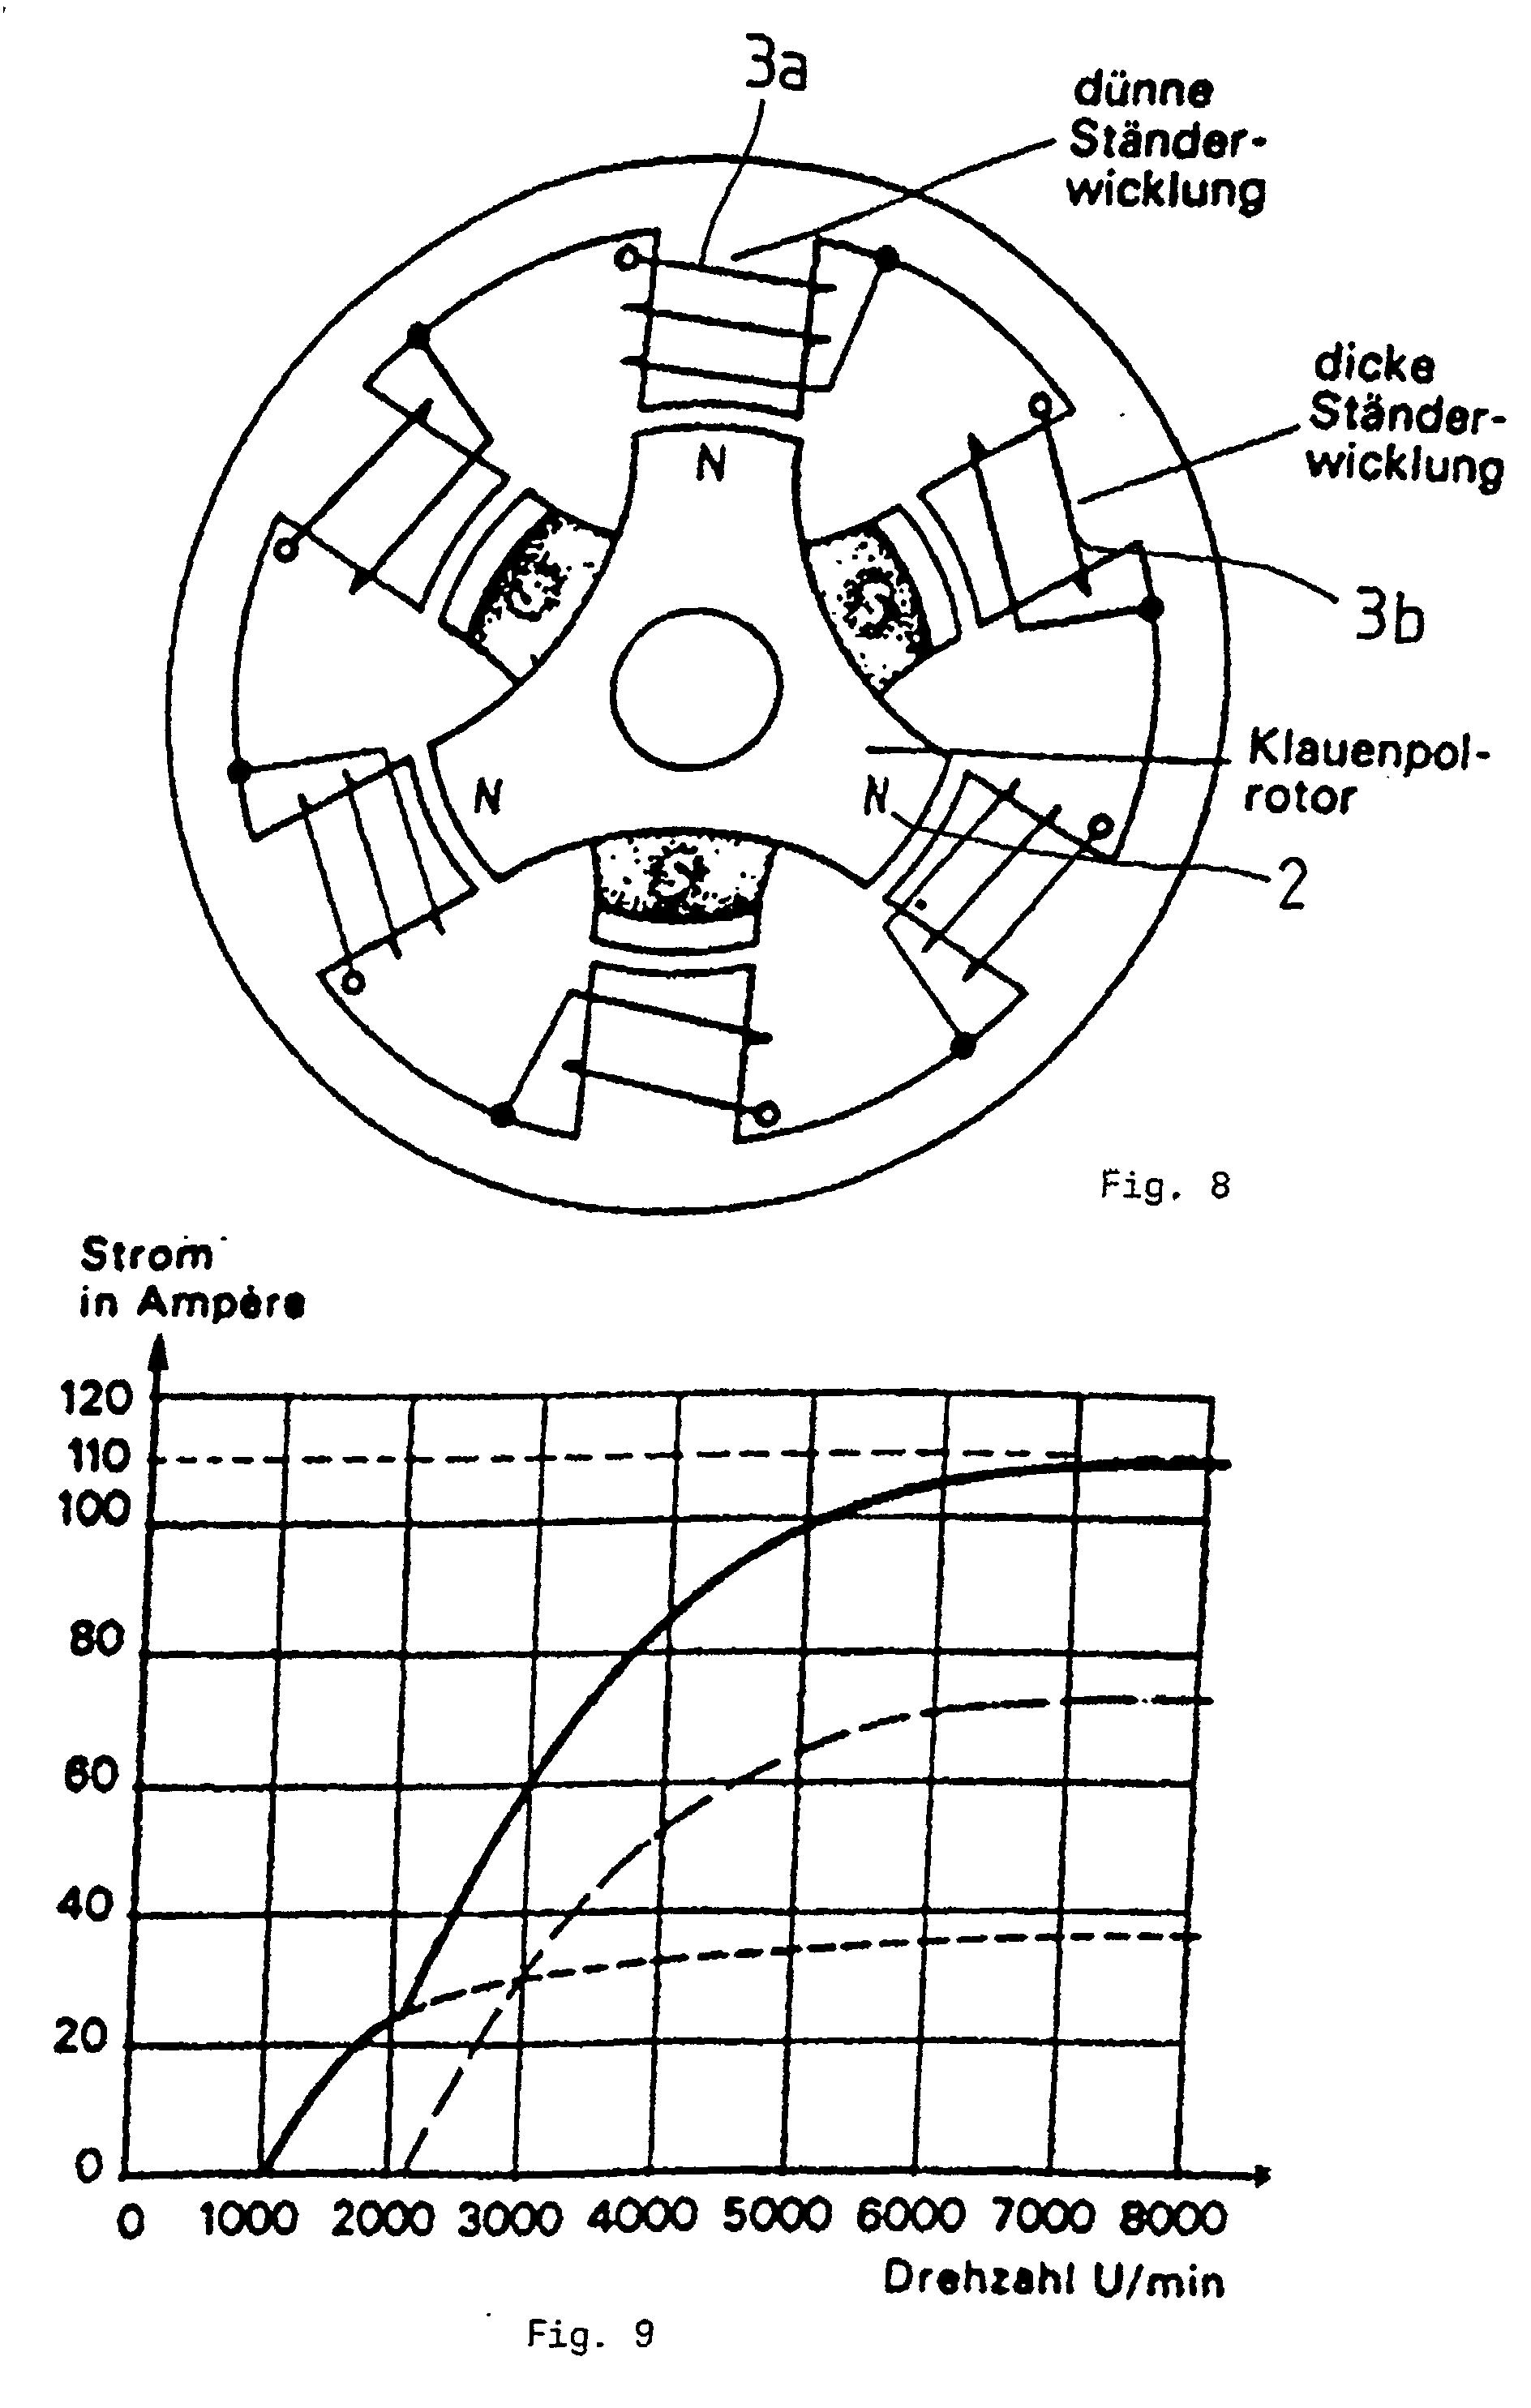 Ziemlich Dreidraht Generator Diagramm Zeitgenössisch - Der ...